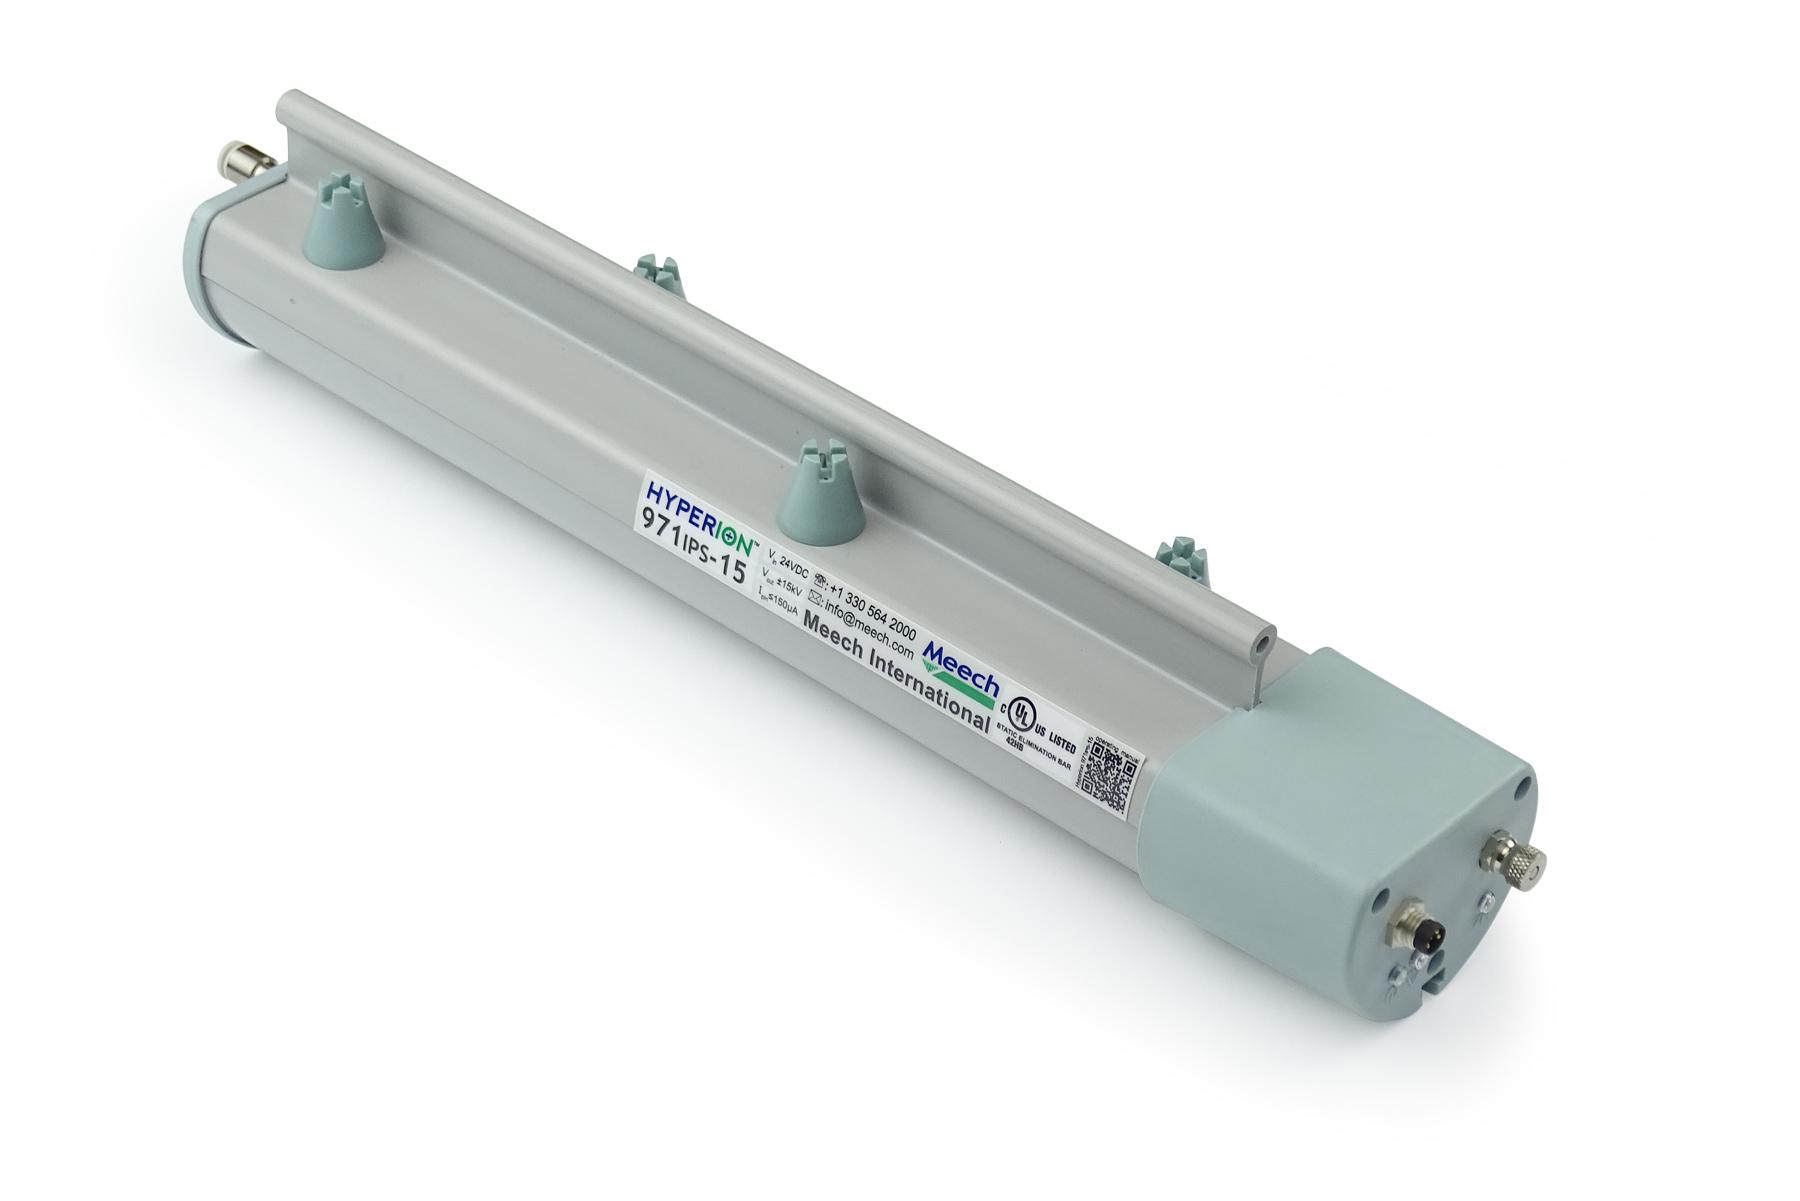 Hyperion 971IPS-15 Hosszú távolságú Pulzus DC Ionizátor Rúd